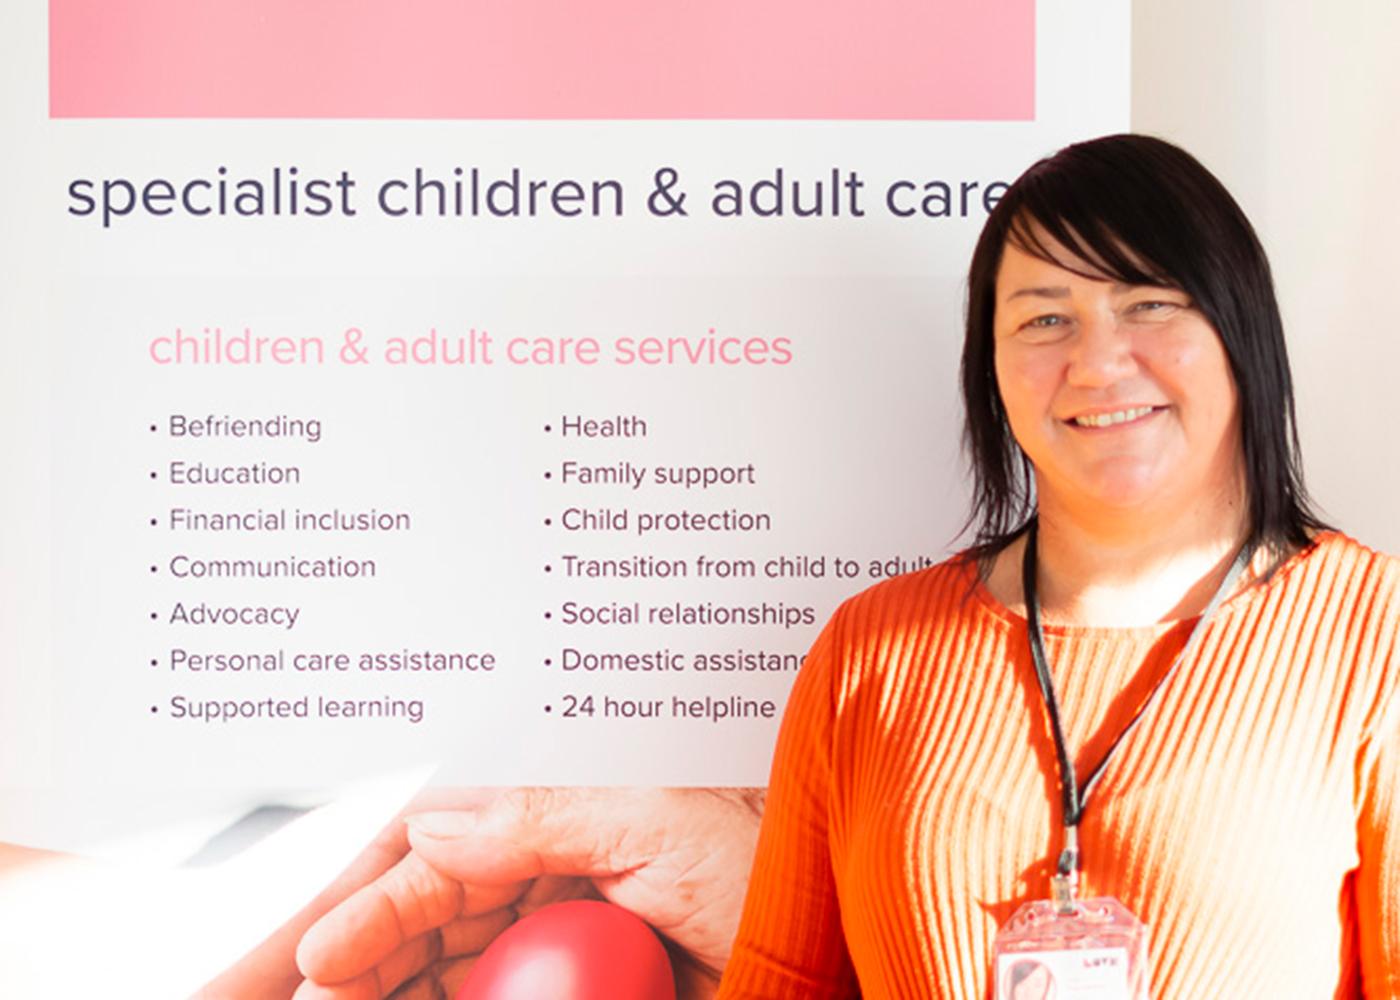 Leading care provider launches major recruitment campaign